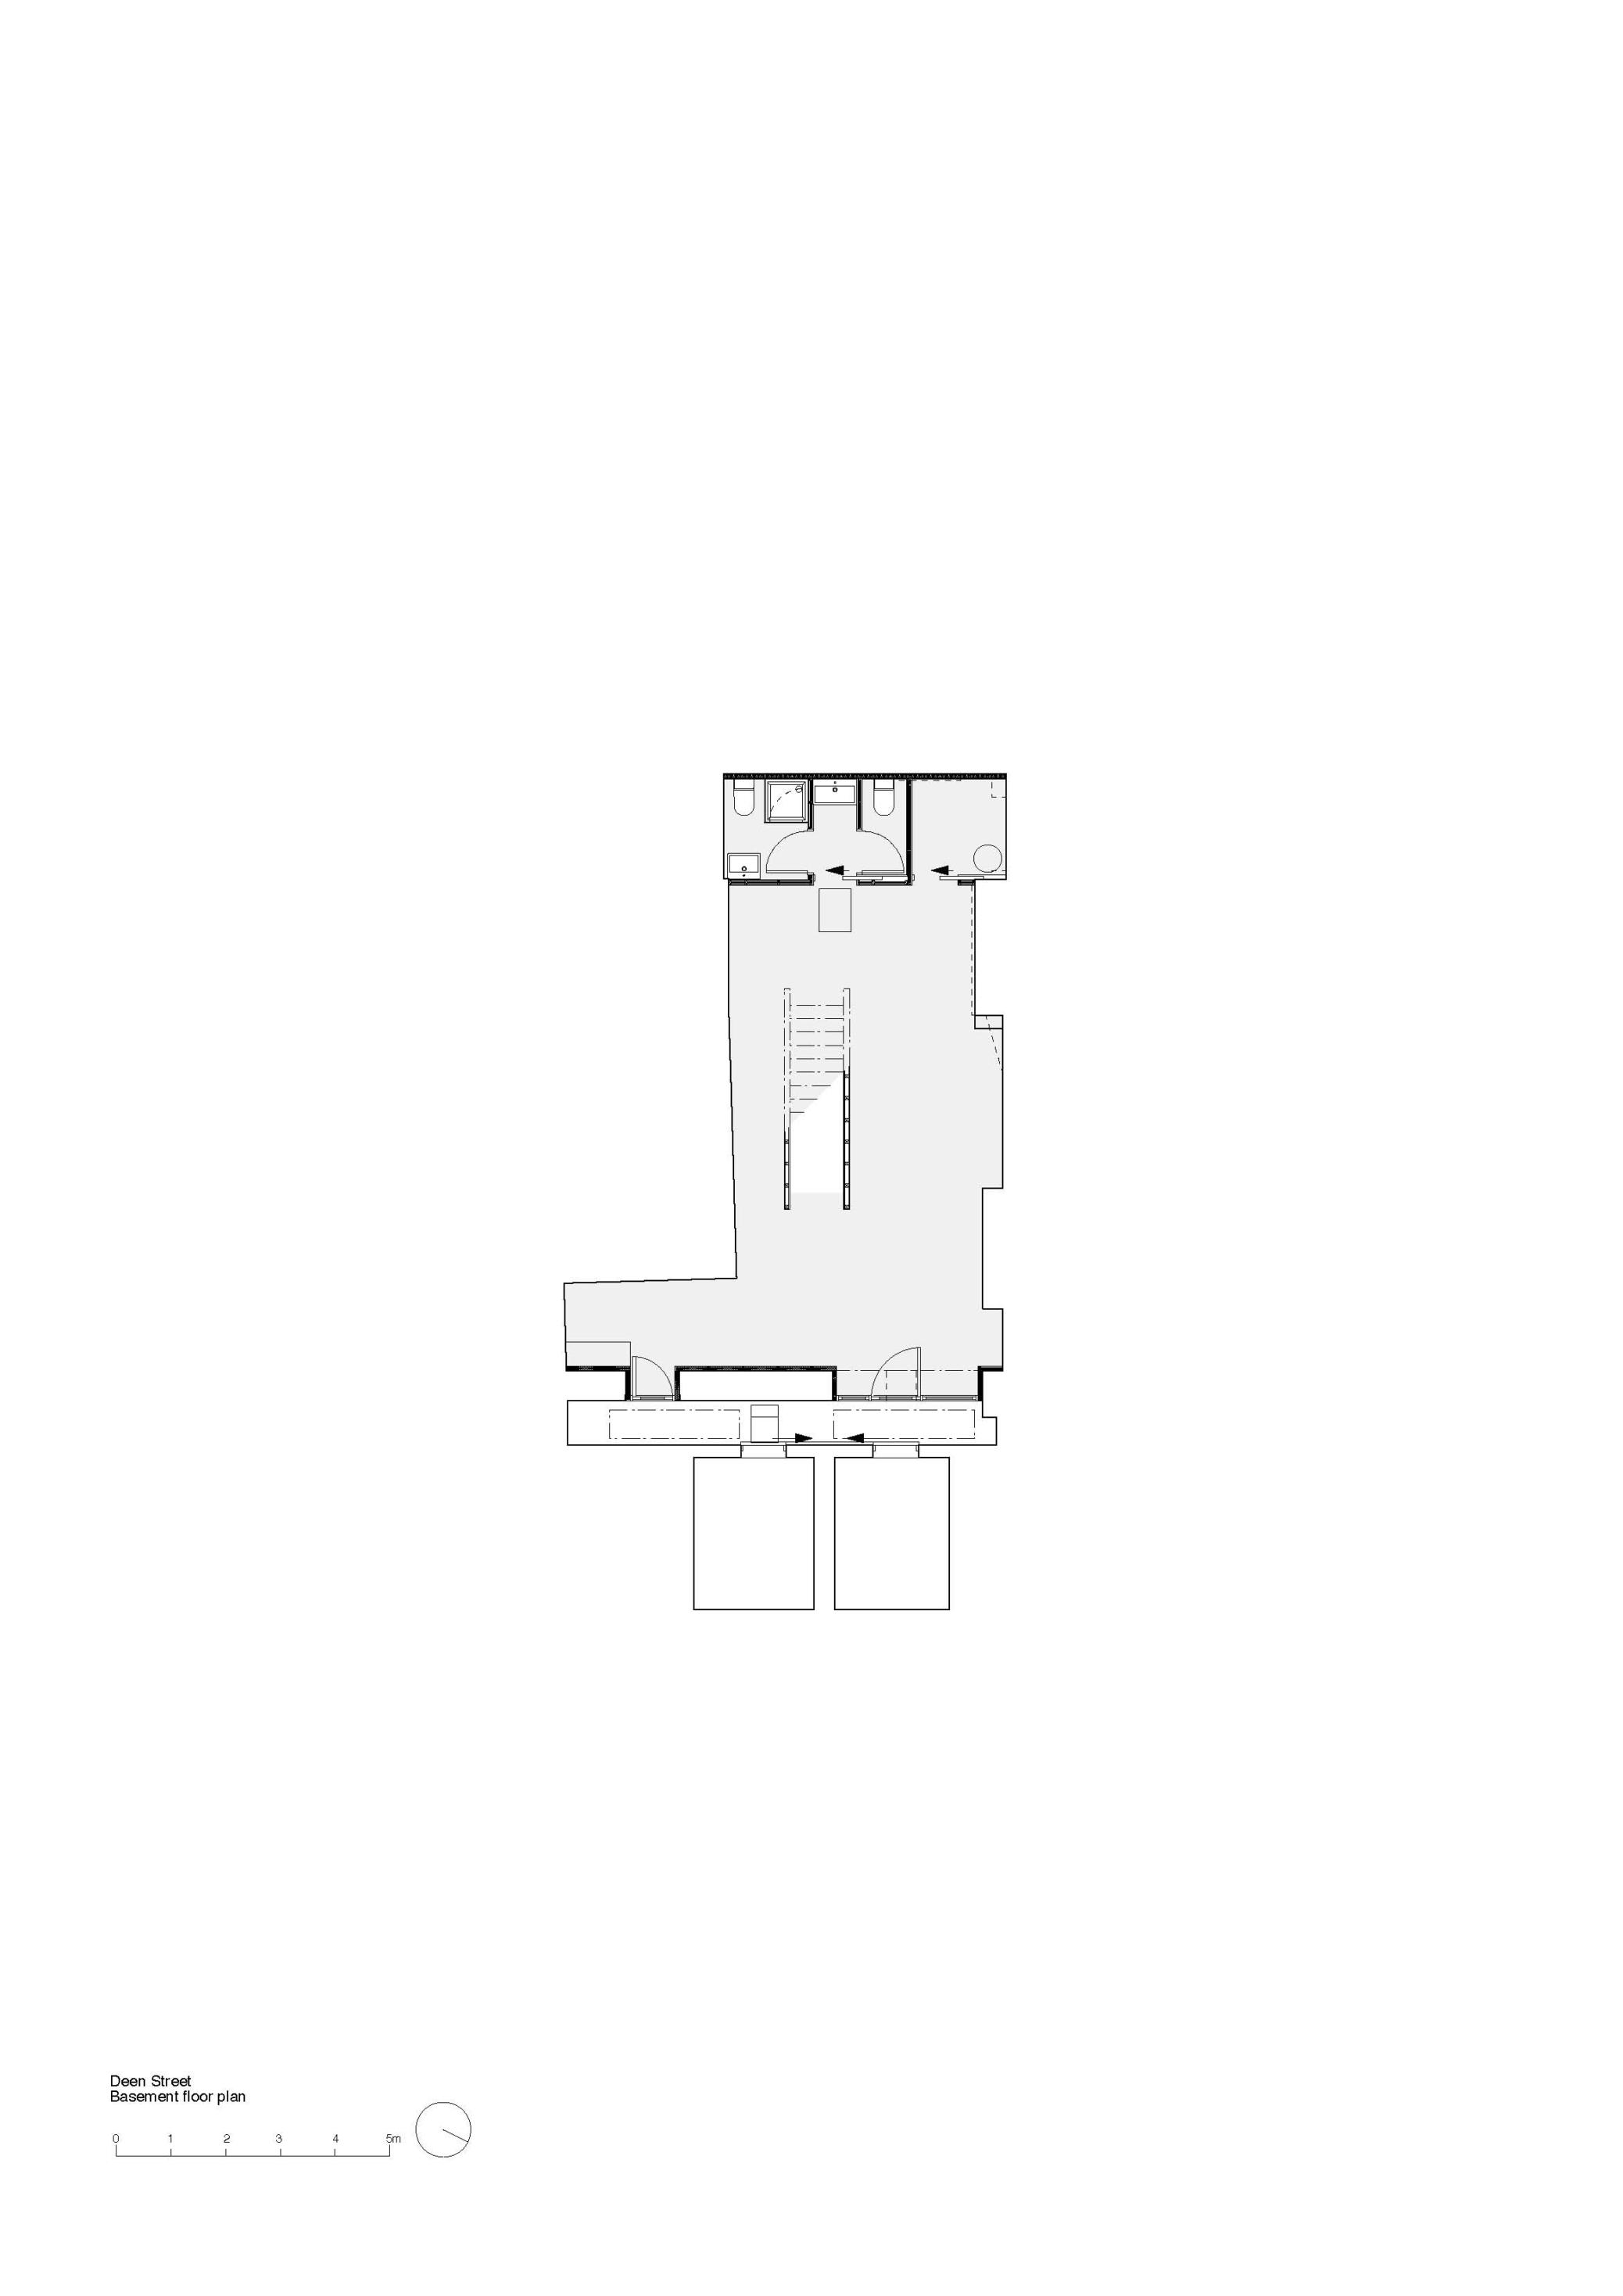 Dean Street basement floor plan